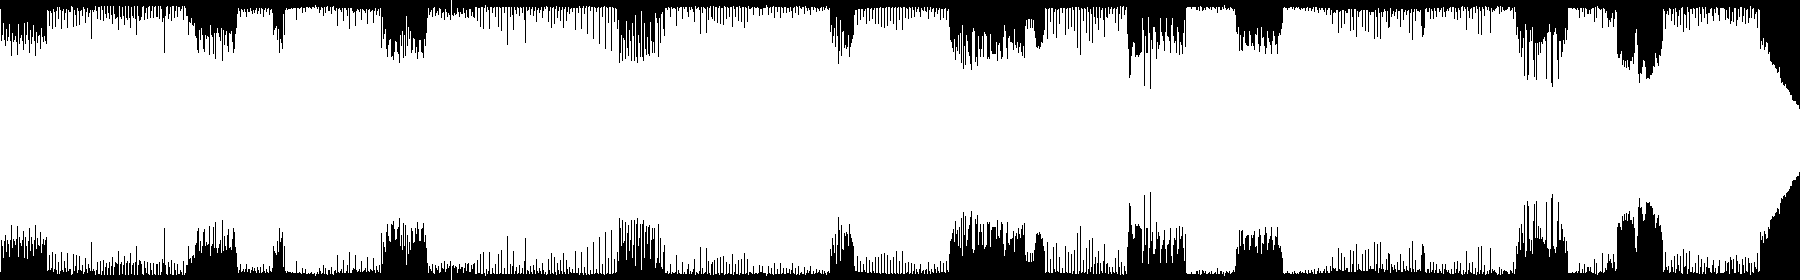 Dark Techno 2 audio waveform